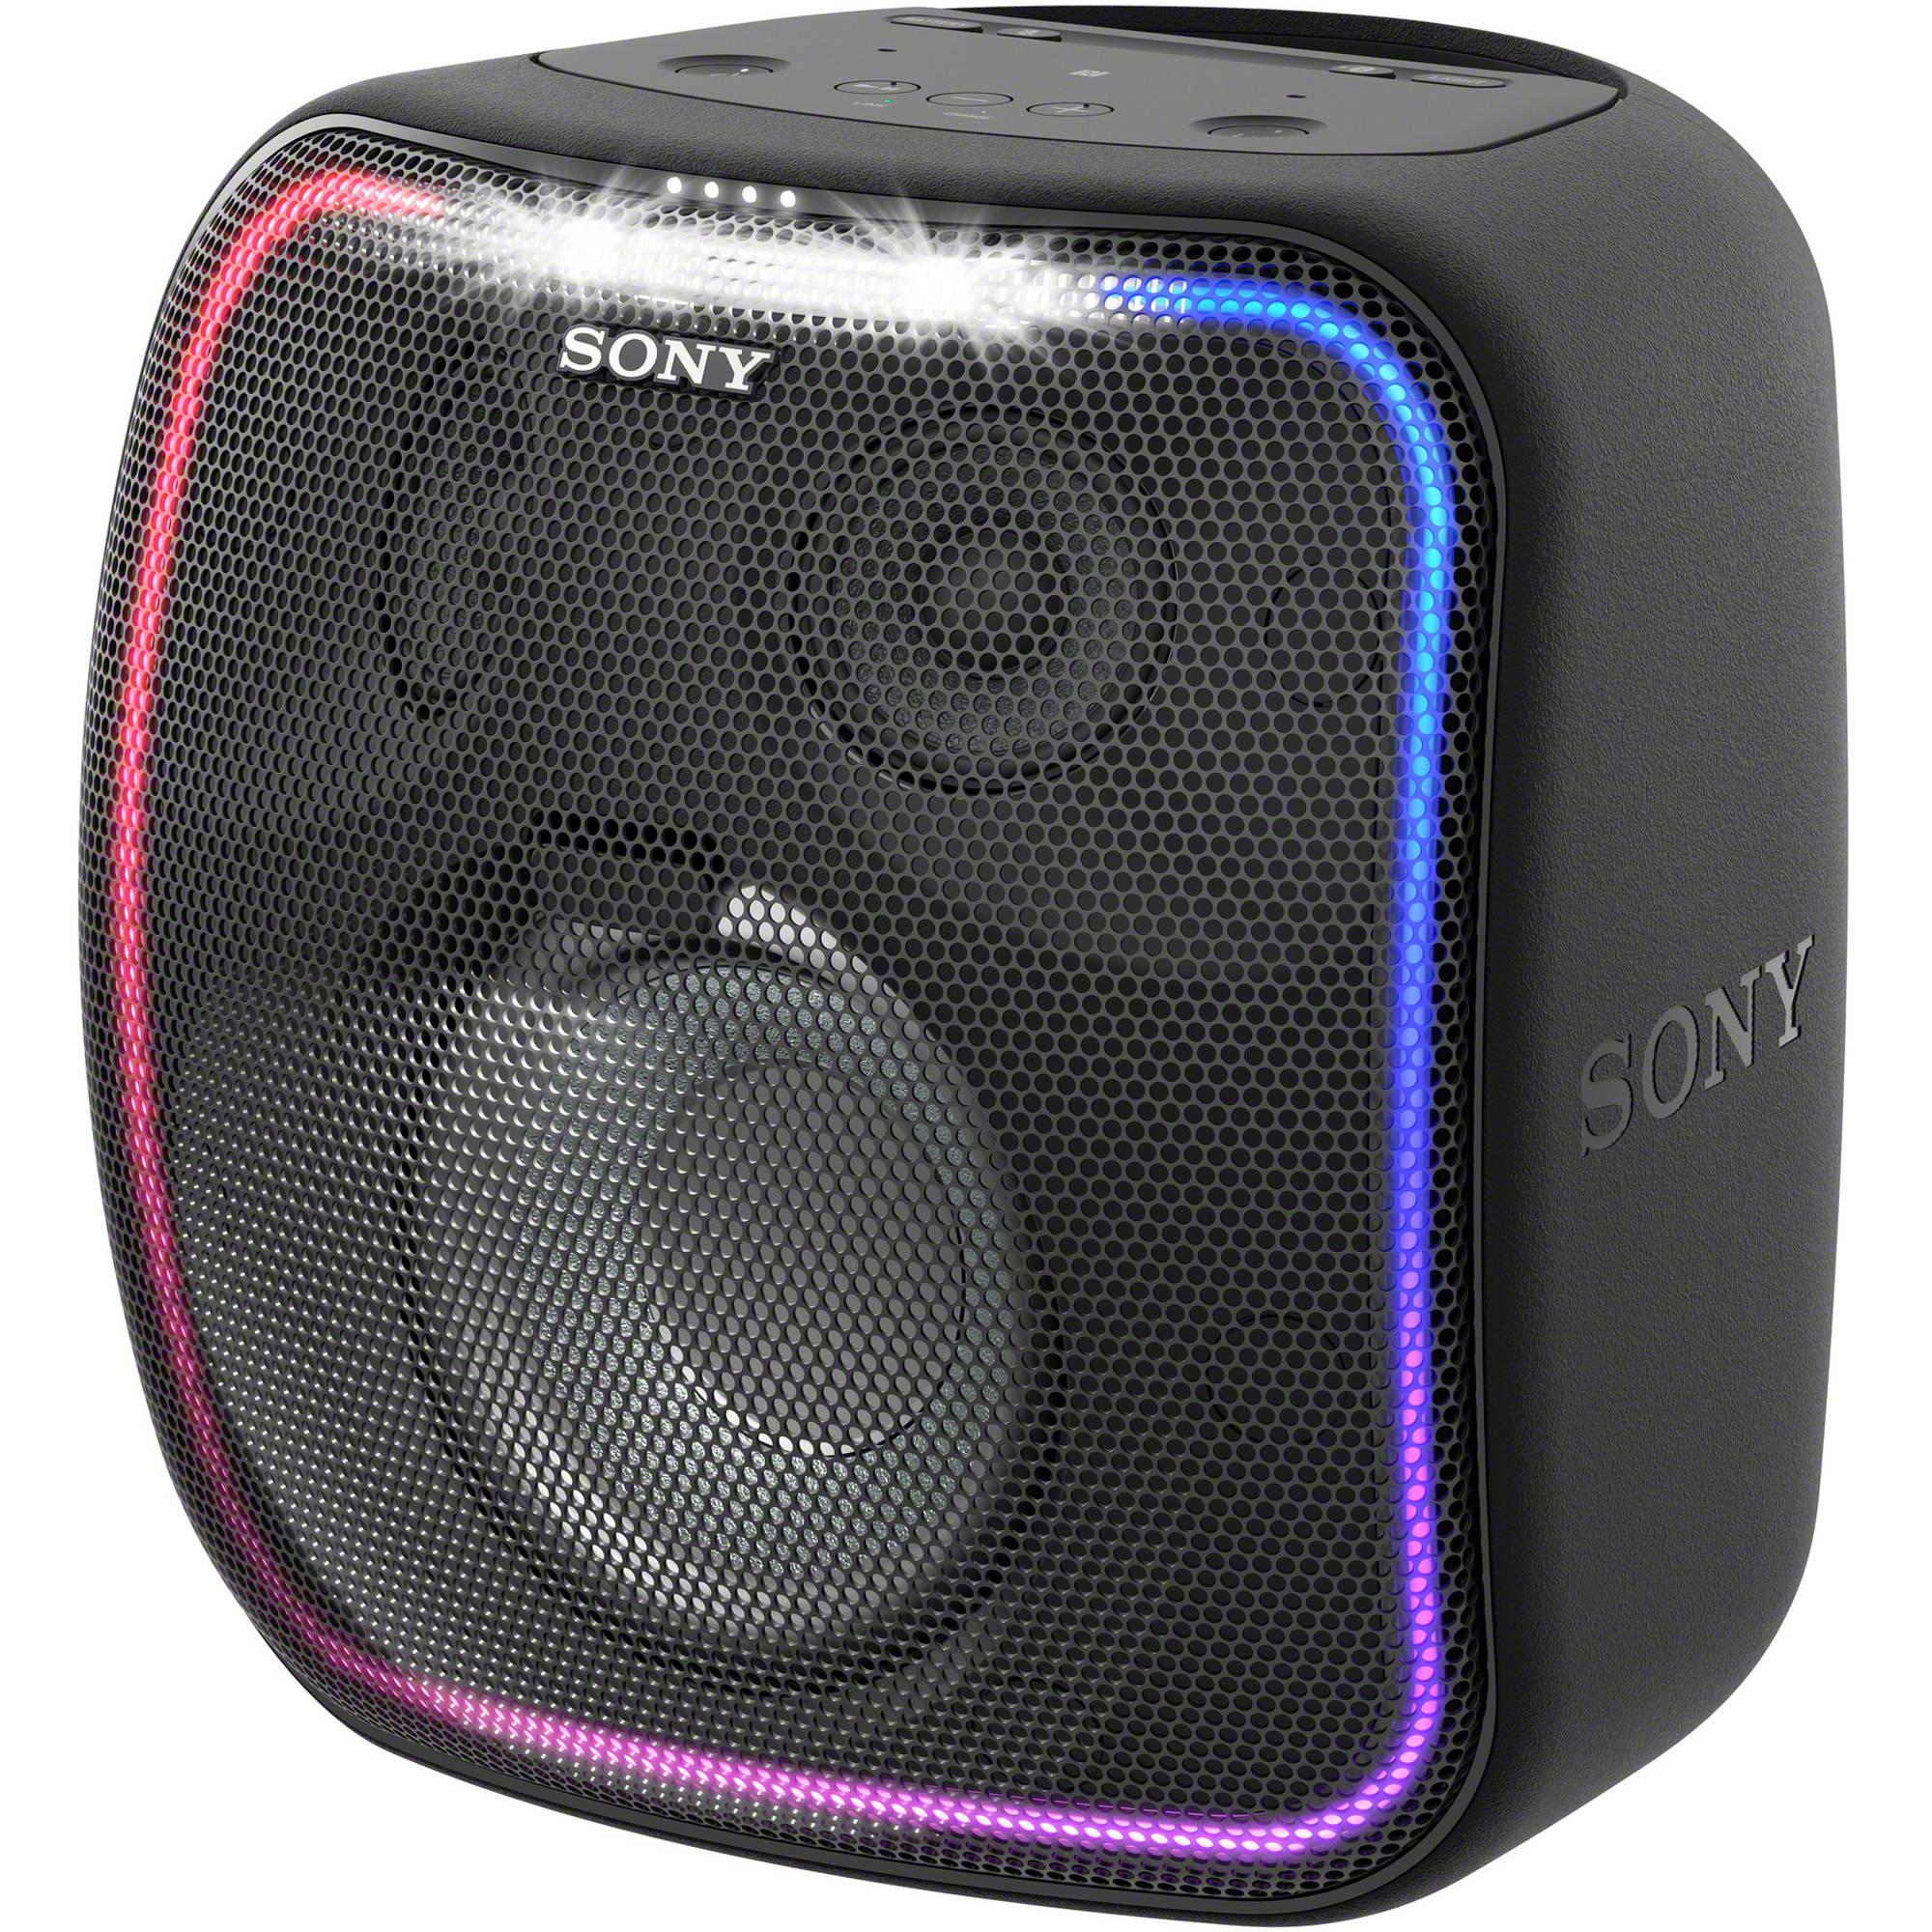 Sony XB501G Wireless Bluetooth Party Speaker SRSXB501G/B B&H